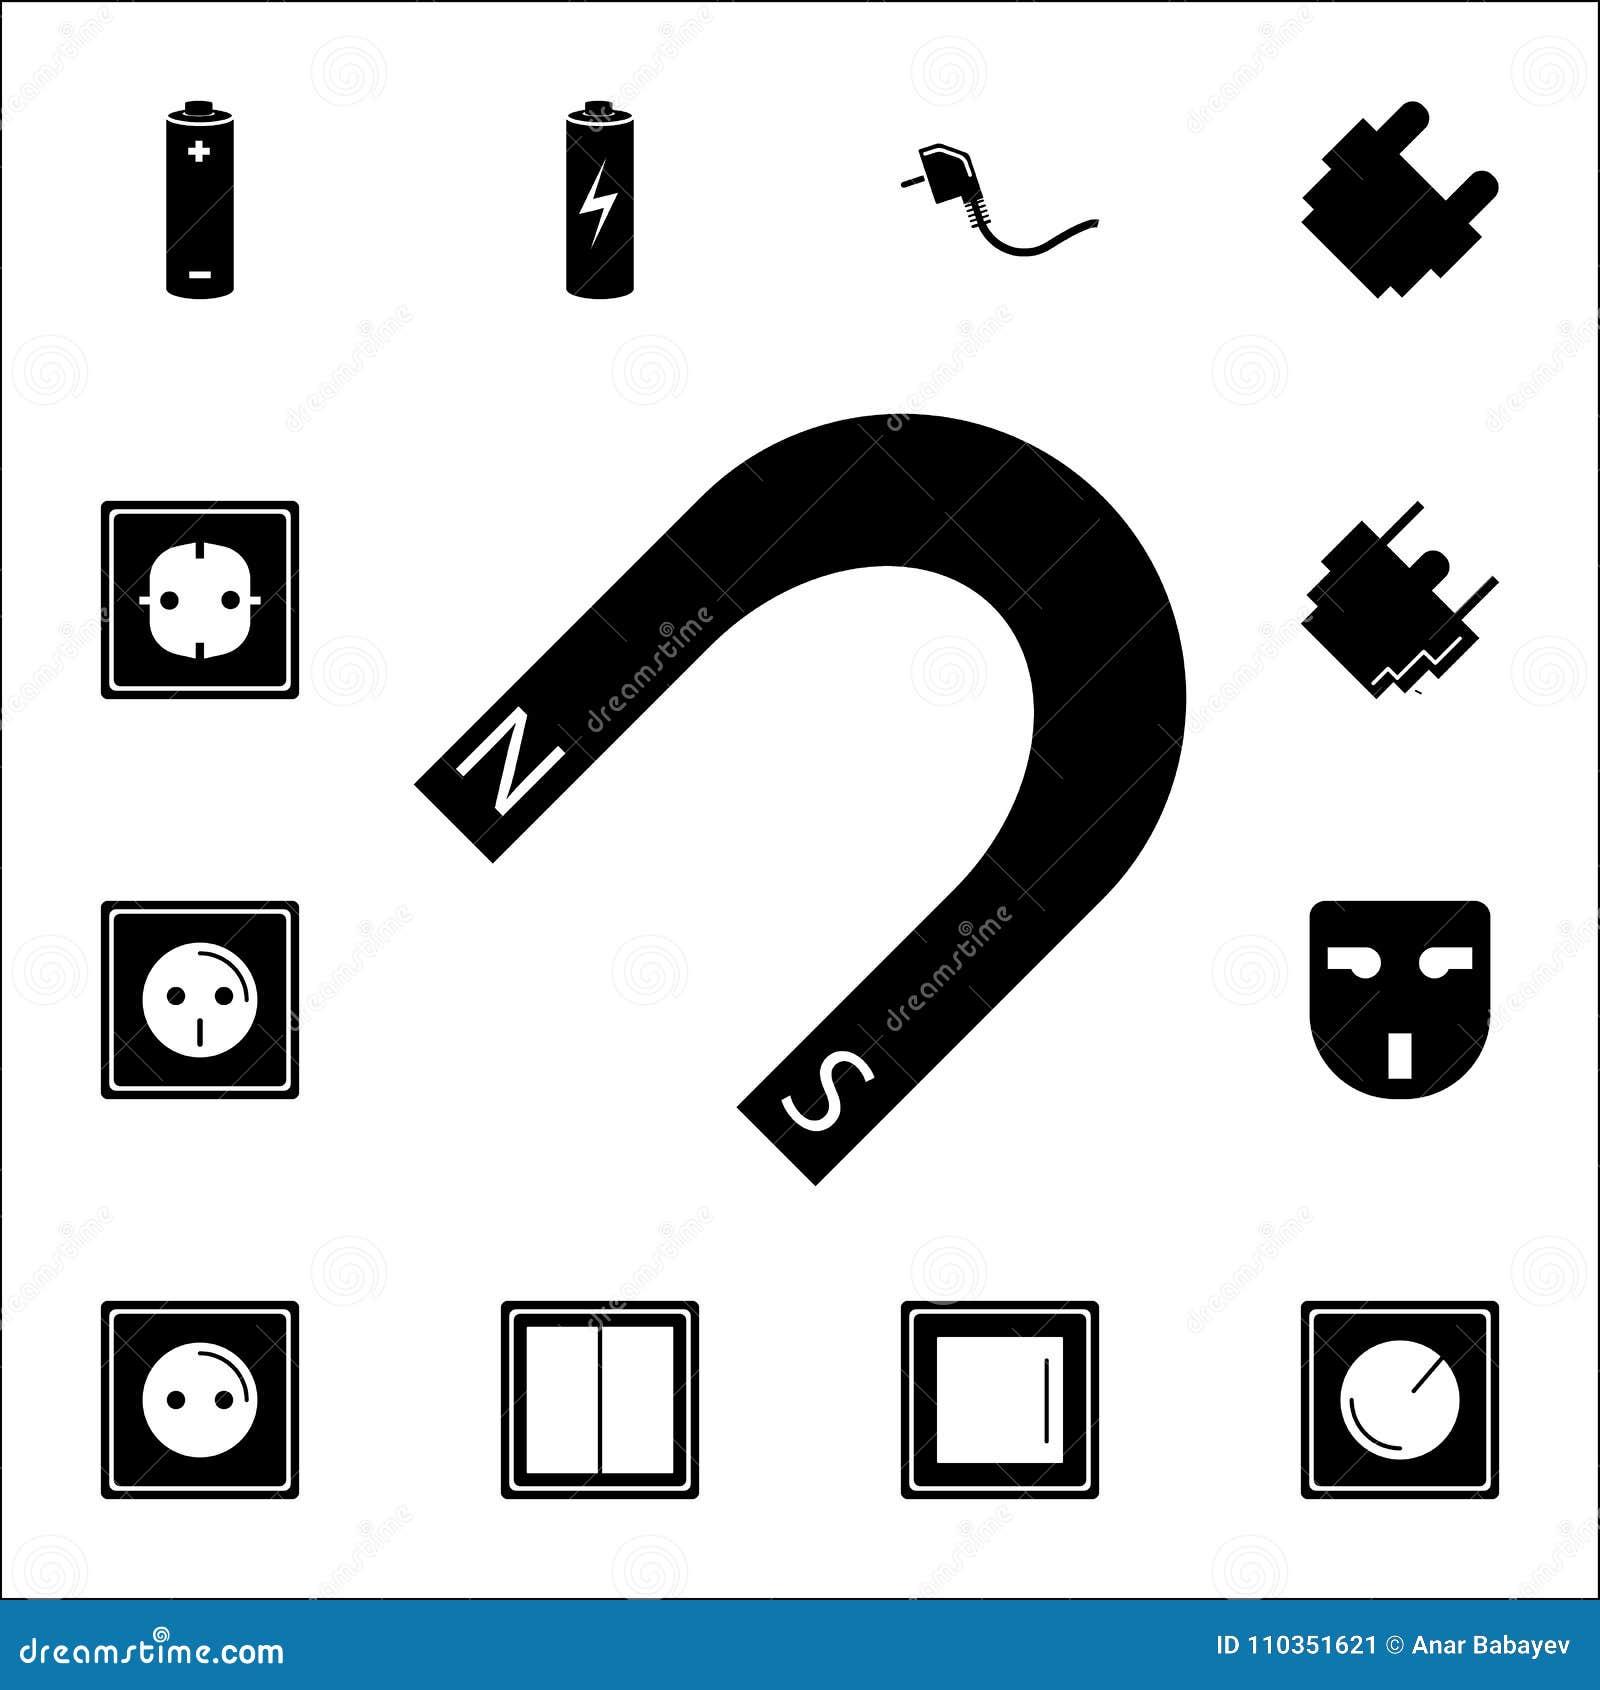 Magnet icon set of energy icons premium quality graphic design set of energy icons premium quality graphic design icons signs and symbols collection icons for websites web desig buycottarizona Choice Image